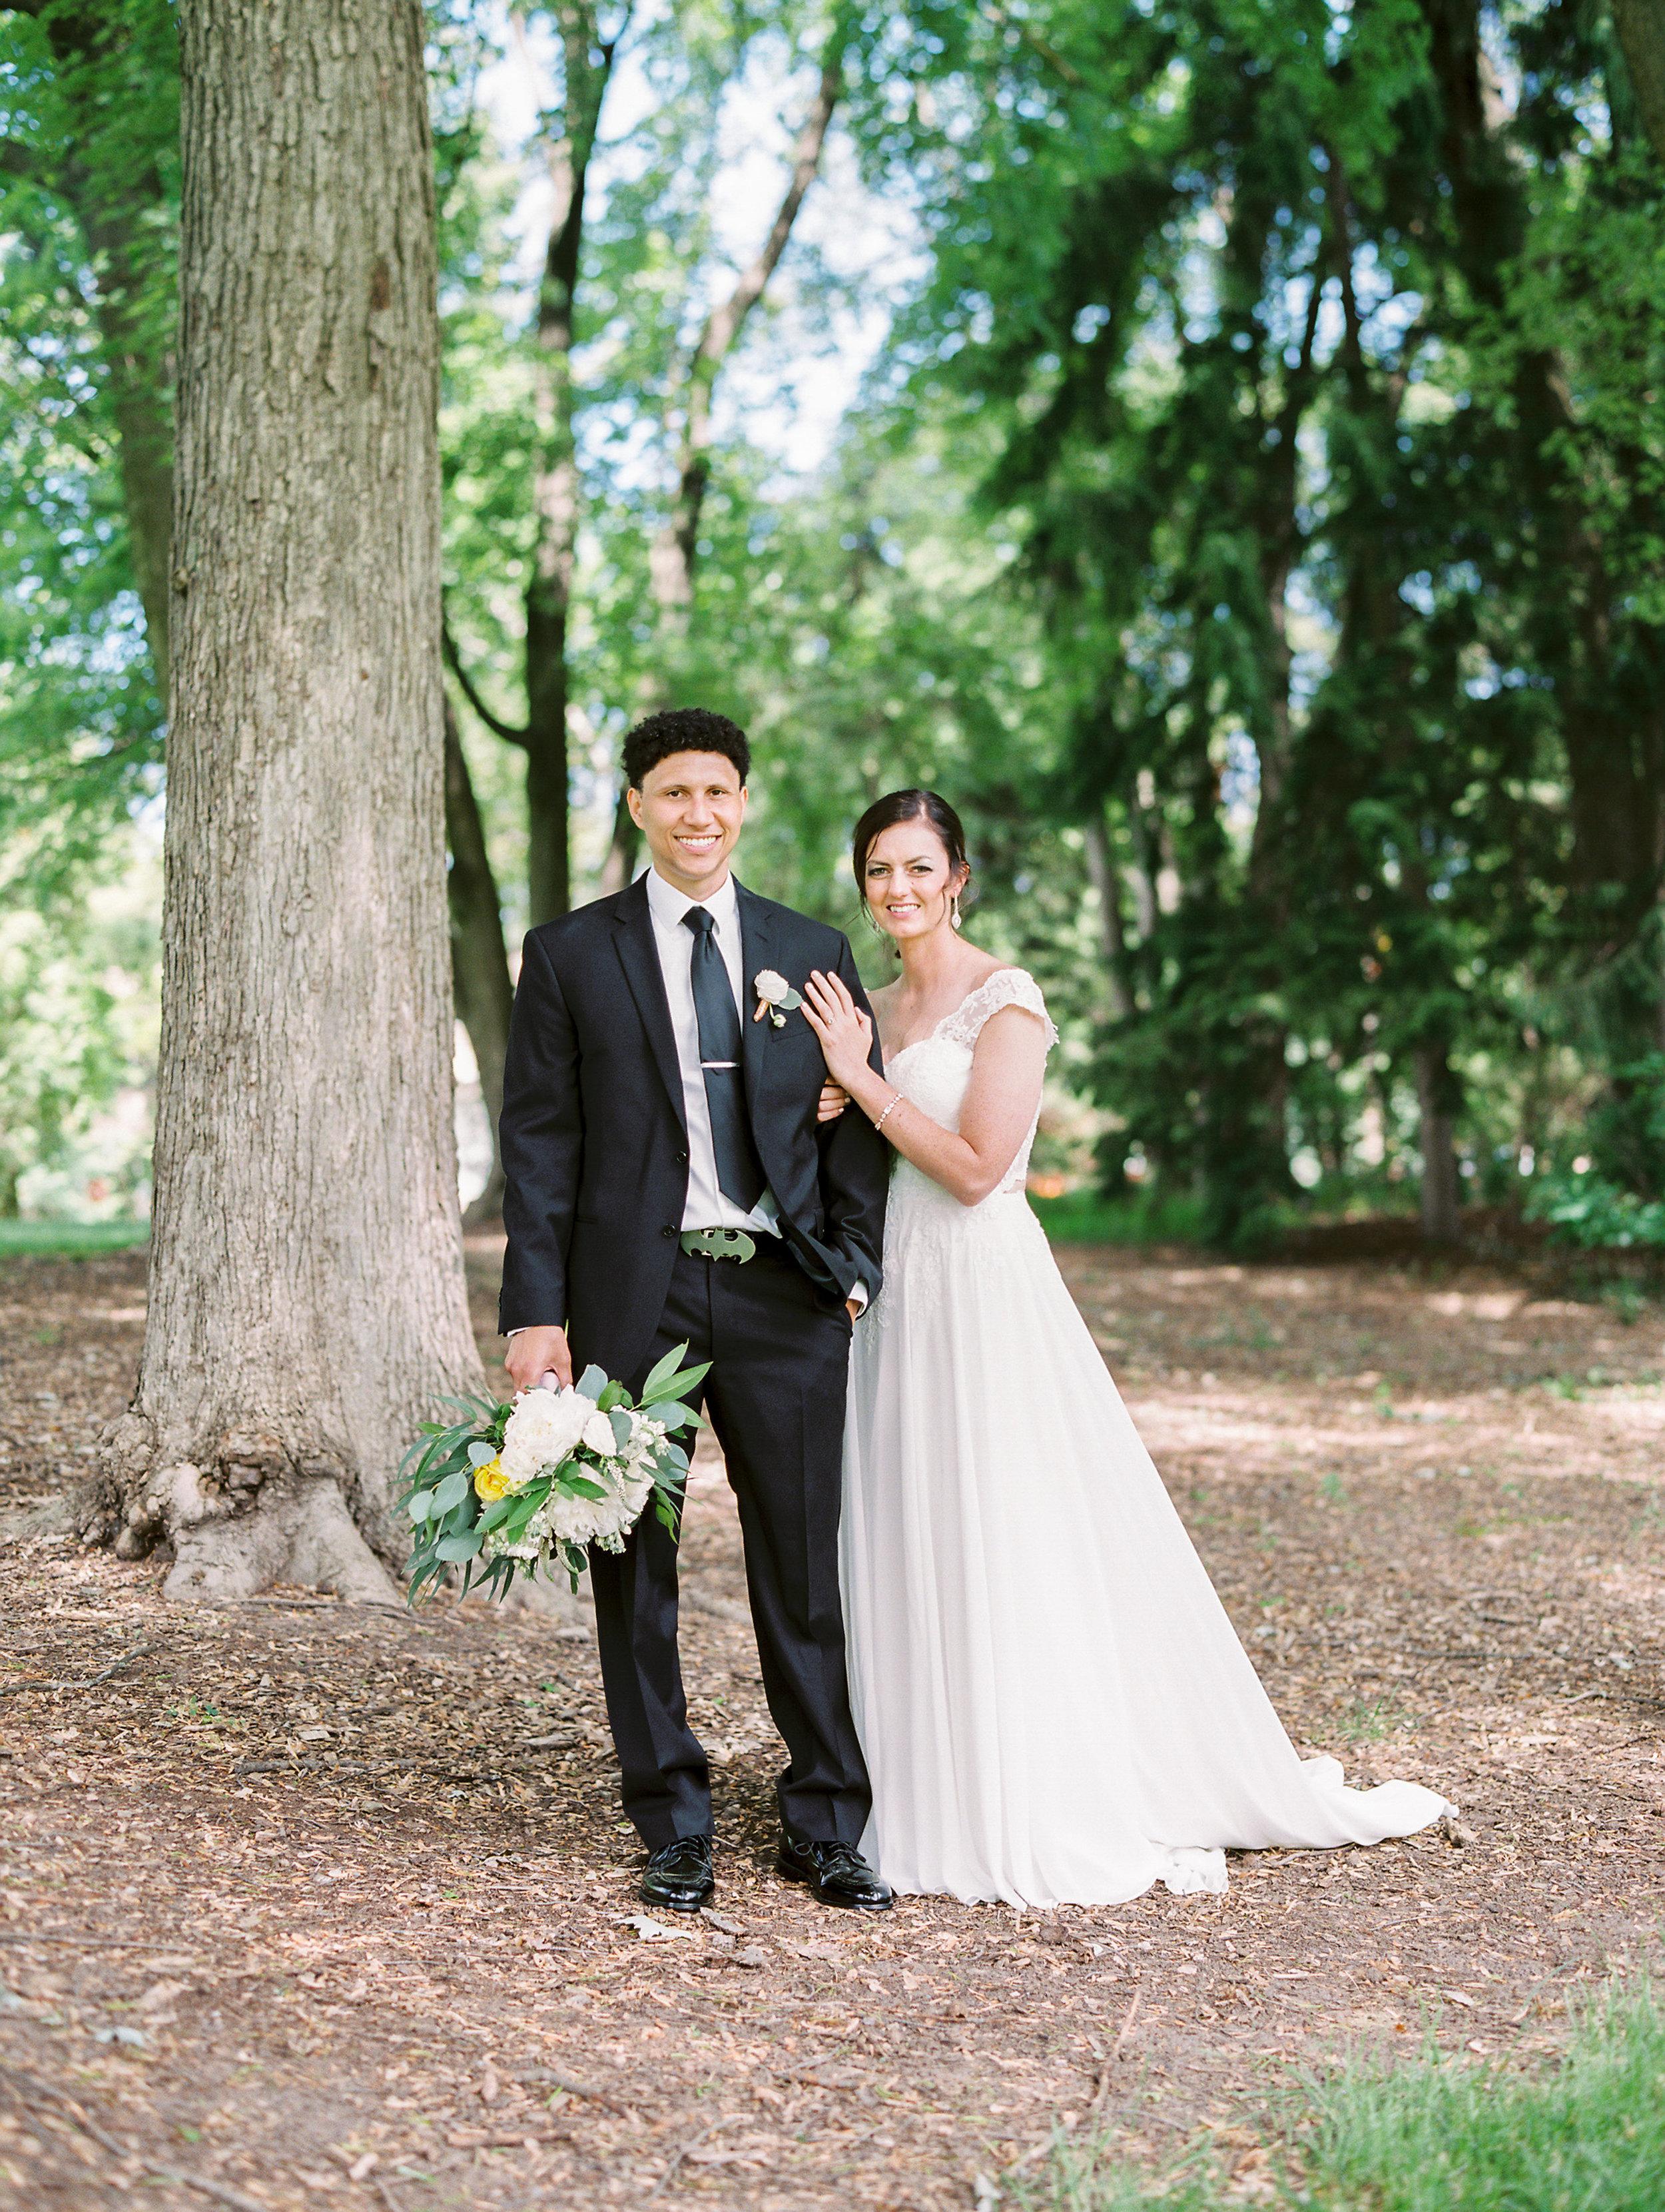 Julius+Wedding+BridalPartyf-54.jpg